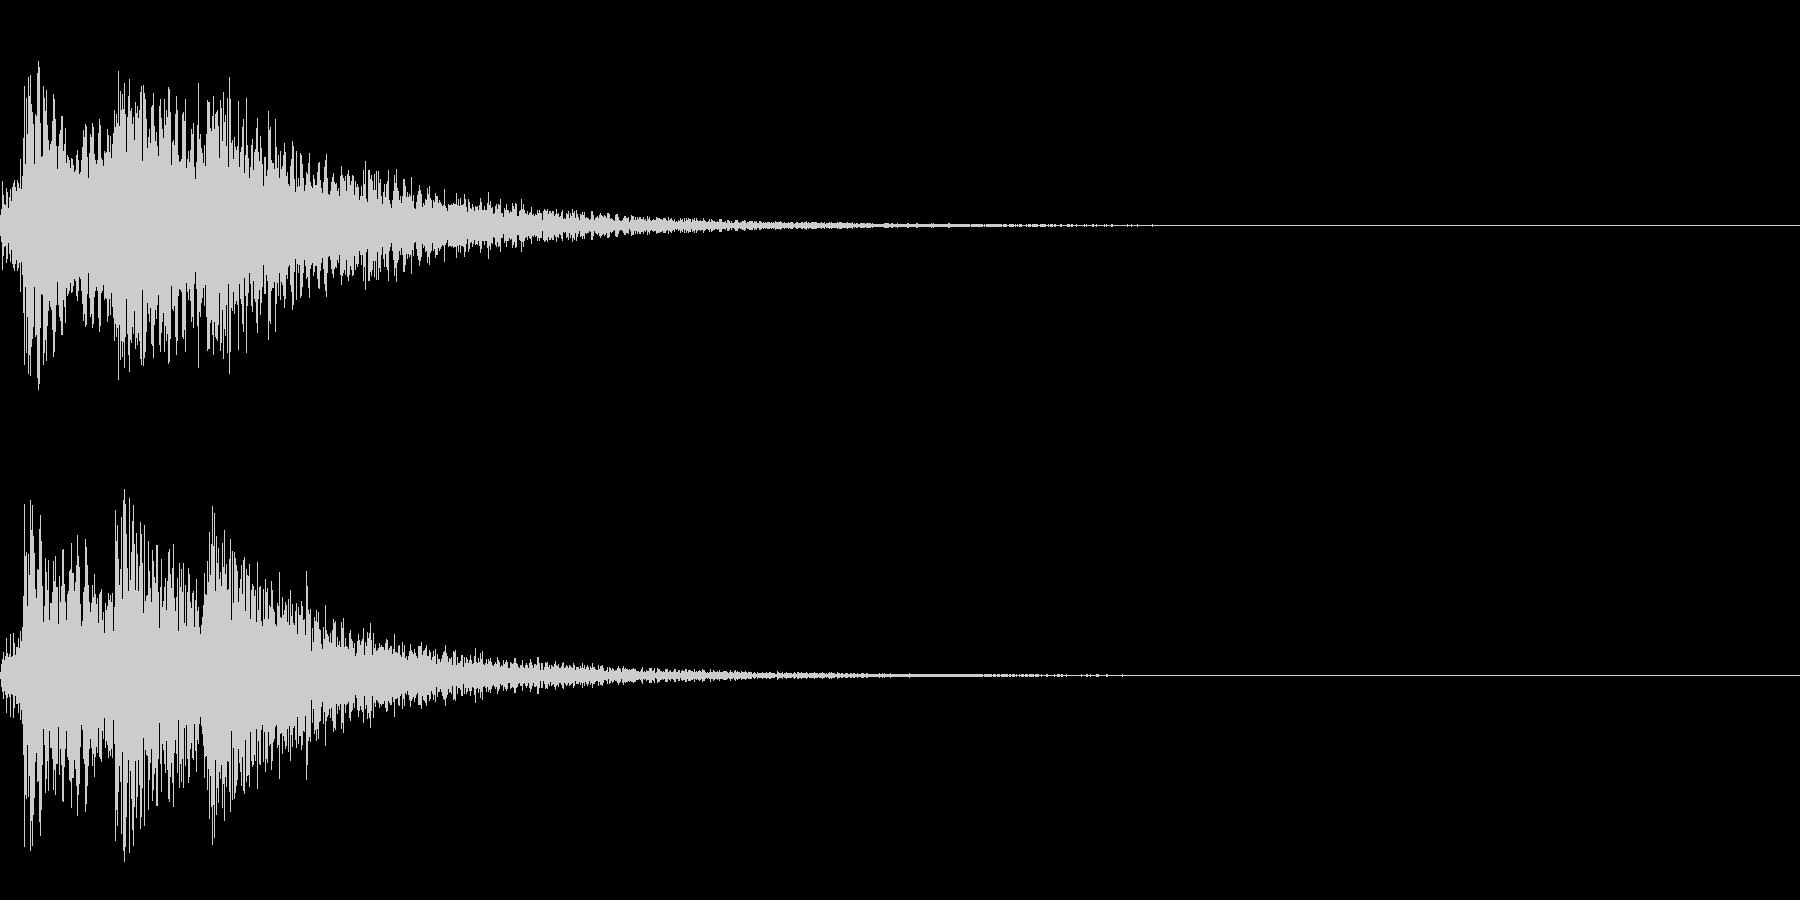 生ピアノ 重厚な和声 エンディング 終了の未再生の波形